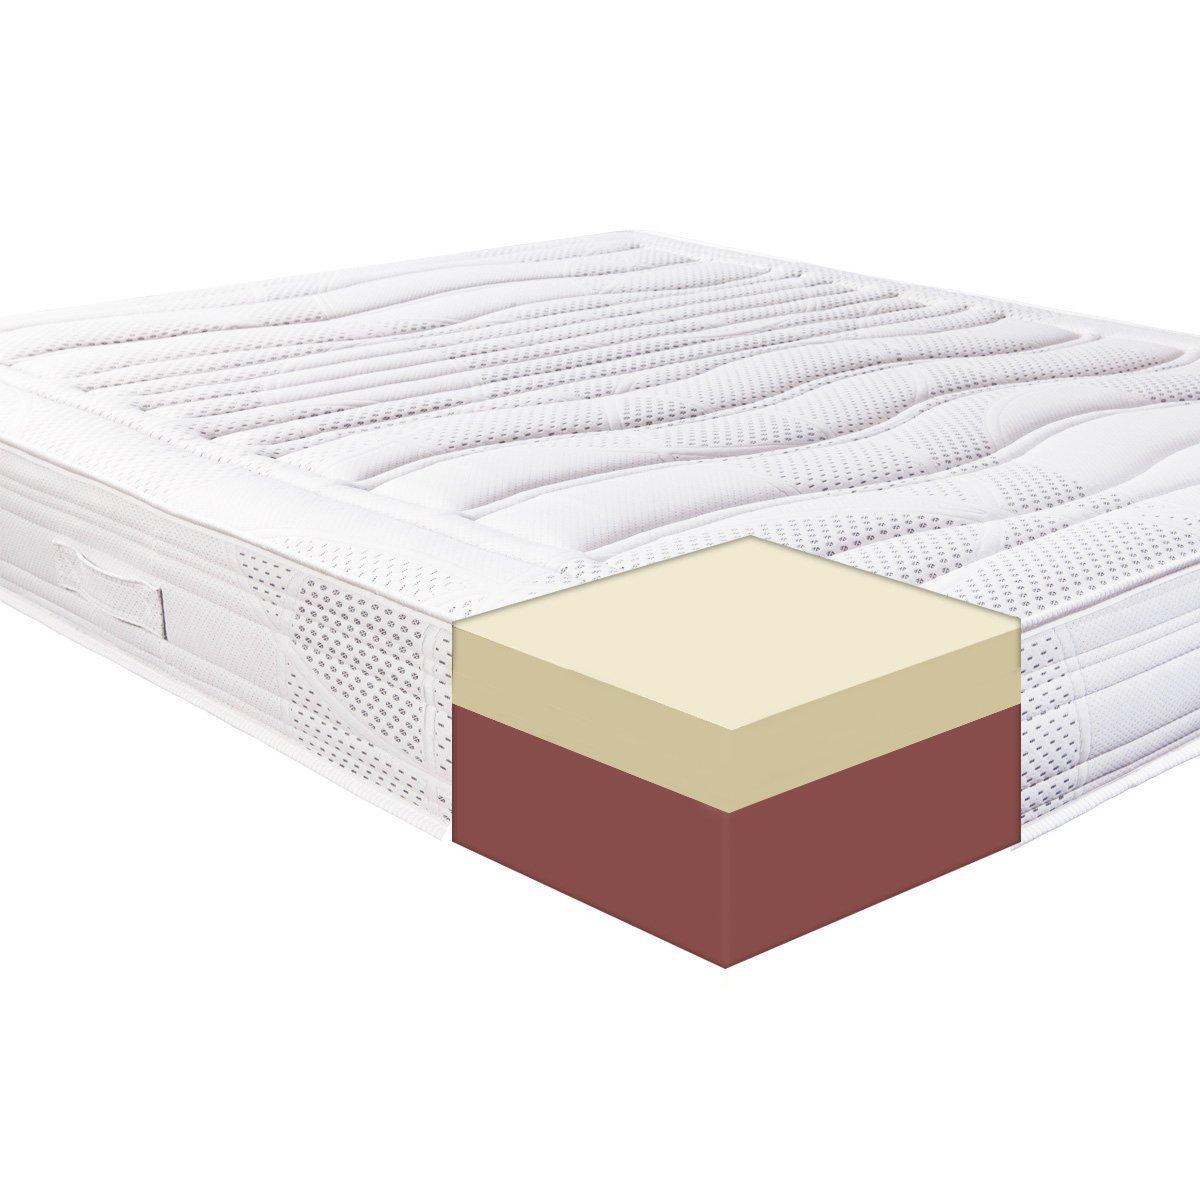 Materassi memory foam: caratteristiche, prezzi e modelli